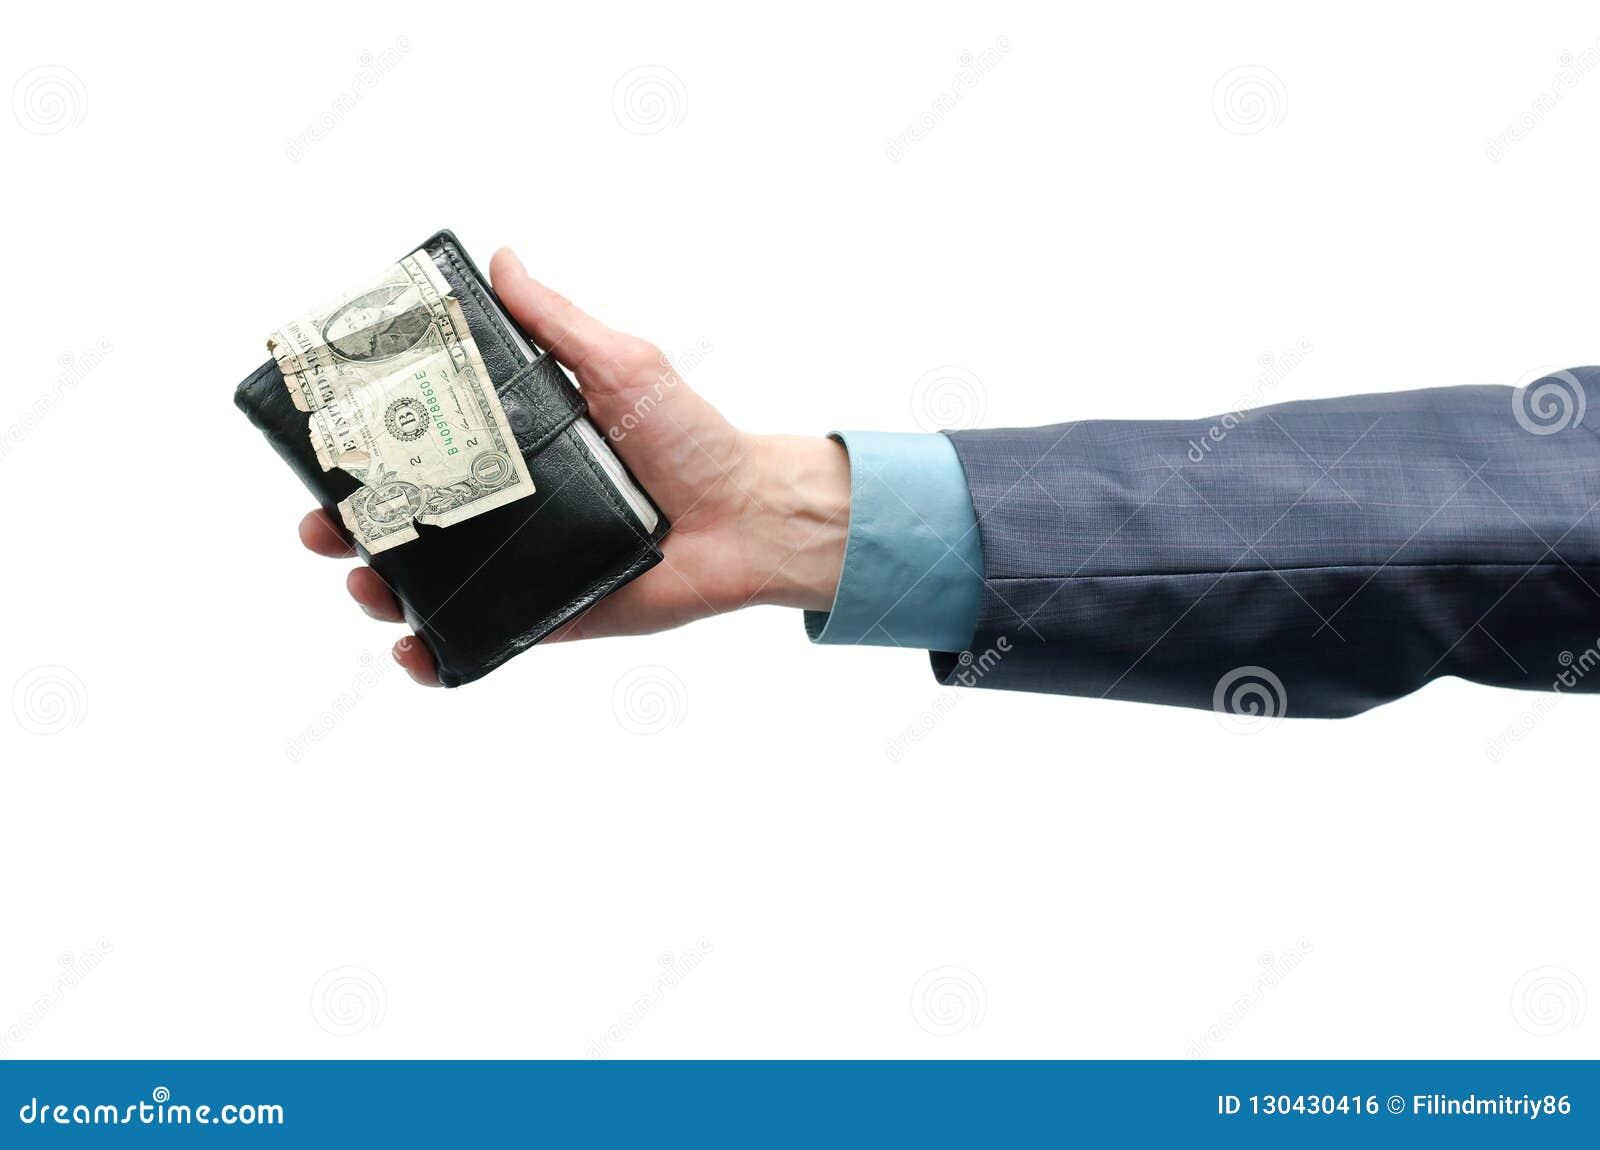 Wallet with money in hands.